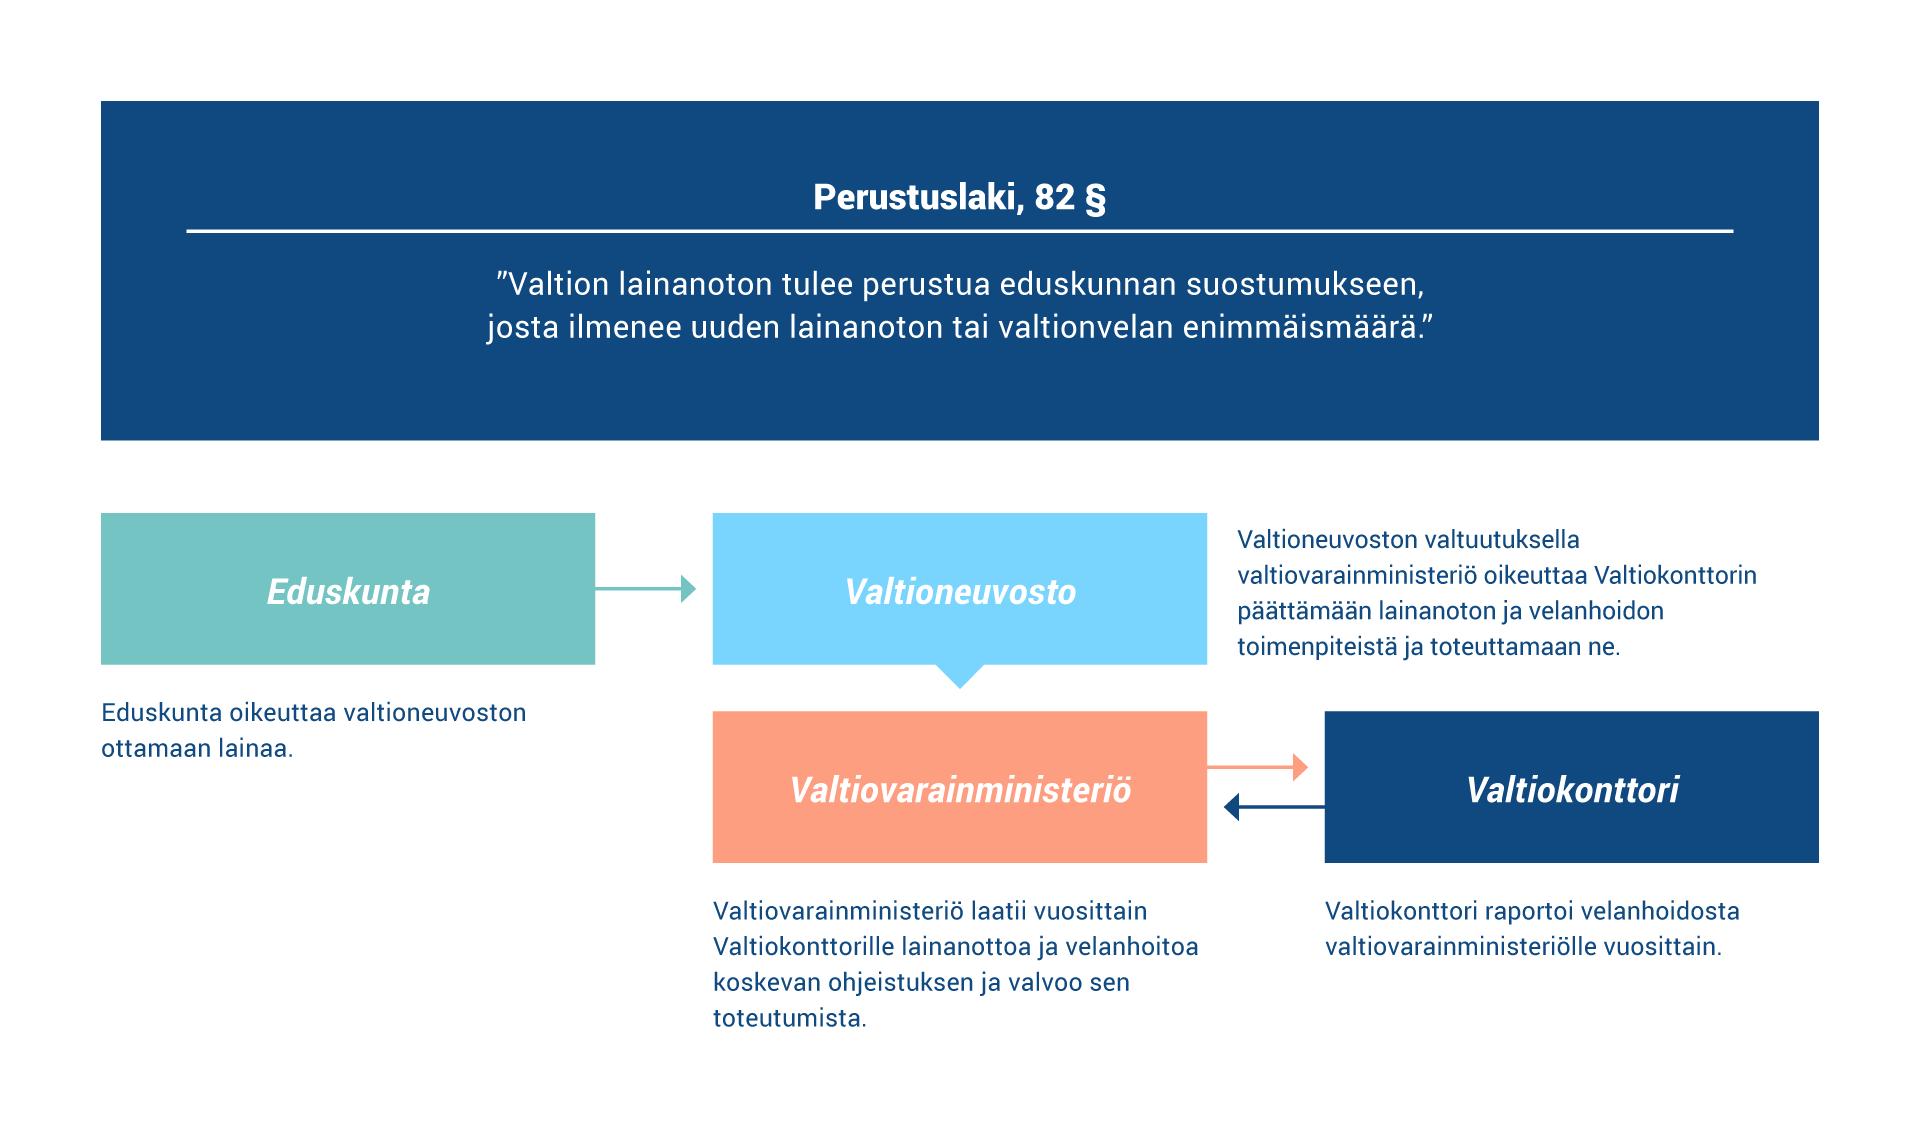 Suomen perustuslain mukaan eduskunta oikeuttaa valtioneuvoston ottamaan lainaa. Valtiovarainministeriö oikeuttaa Valtiokonttorin päättämään lainanoton ja velanhoidon toimenpiteistä ja toteuttamaan ne. Valtiovarainministeriö laatii vuosittain Valtiokonttorille ohjeistuksen ja Valtiokonttori raportoi velanhoidosta vuosittain.